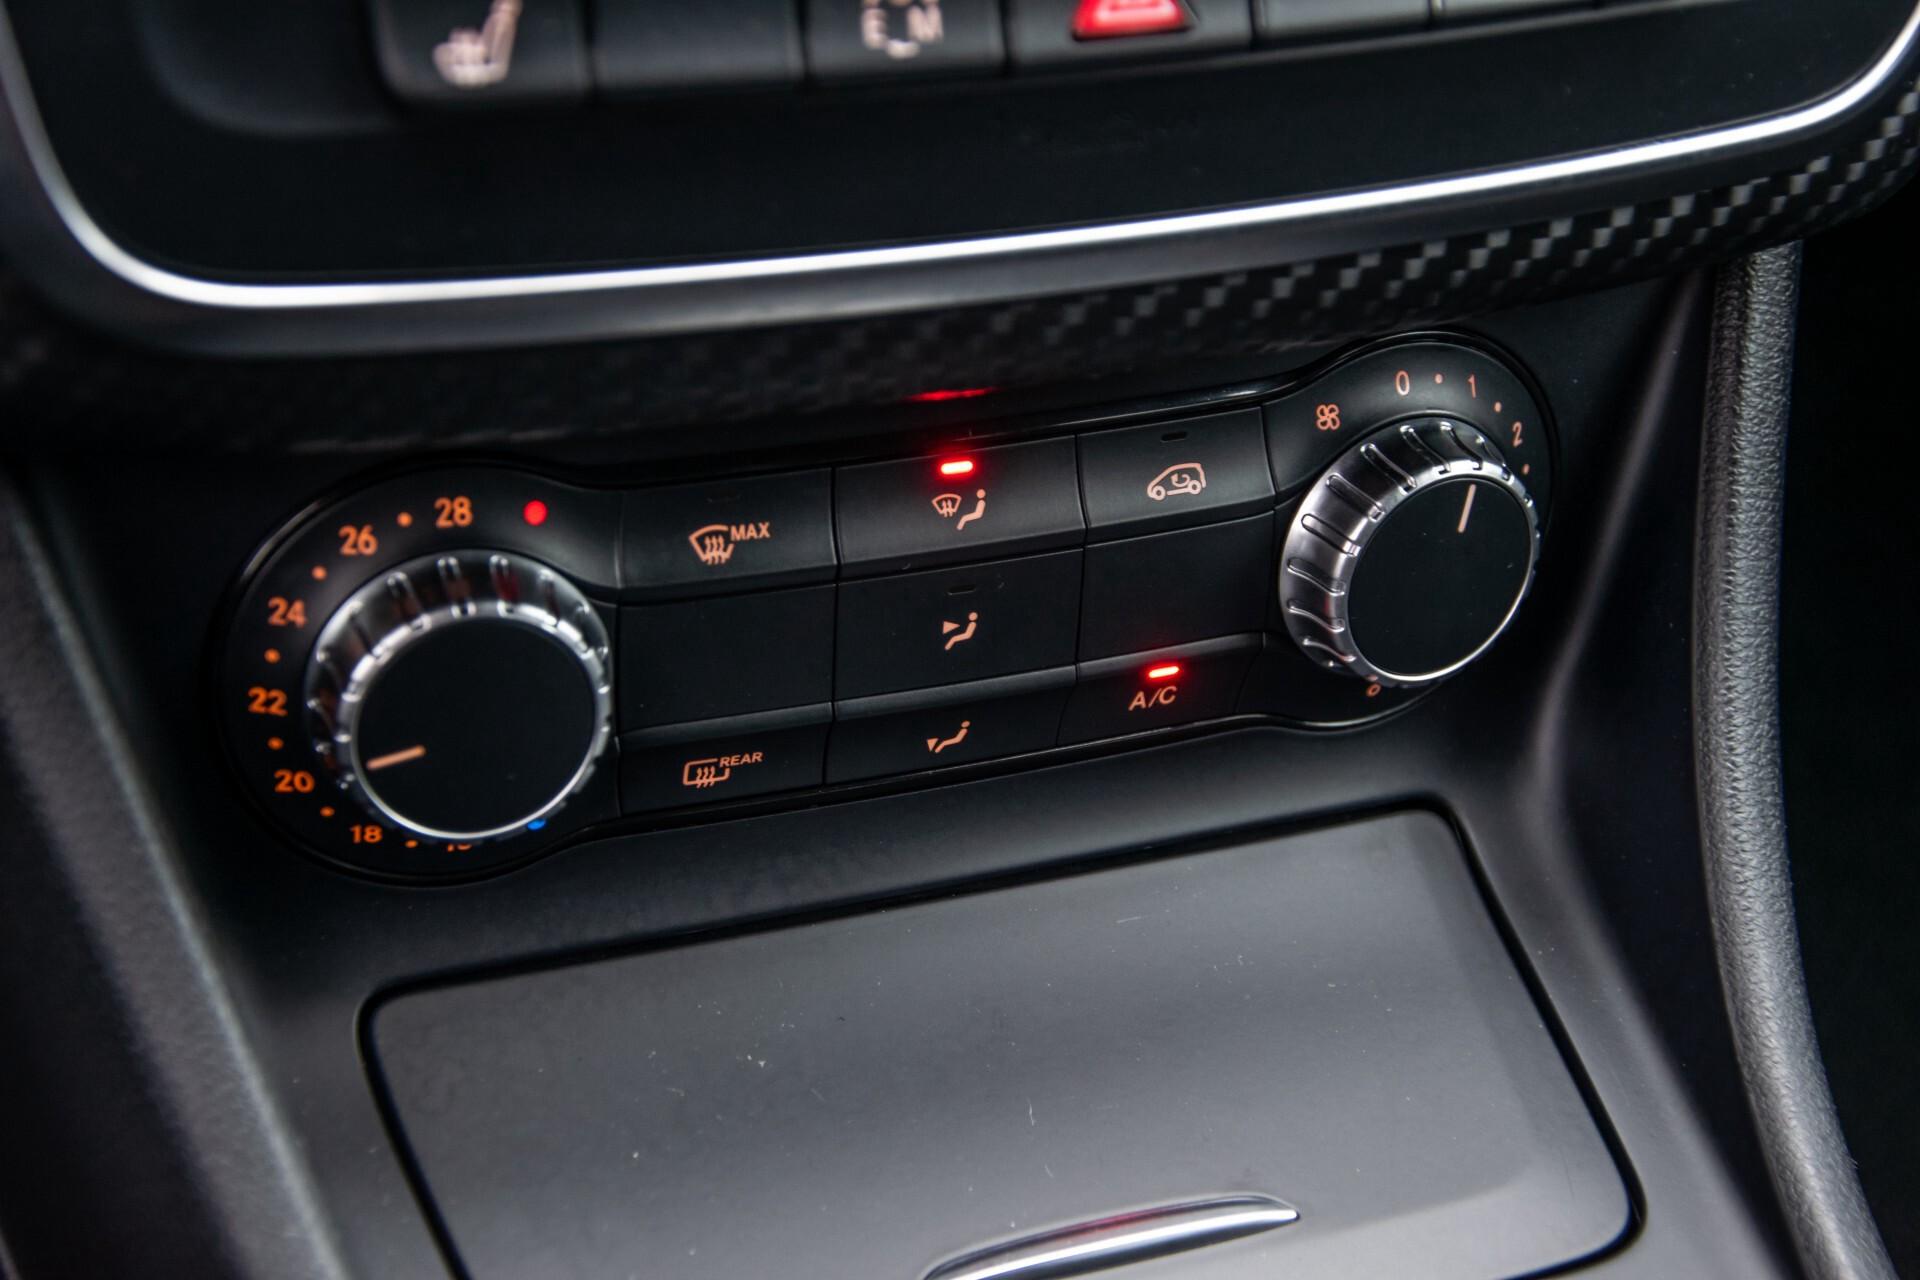 Mercedes-Benz A-Klasse 180 AMG Dynamic Handling/Camera/Xenon/Navi/Privacy Aut7 Foto 24